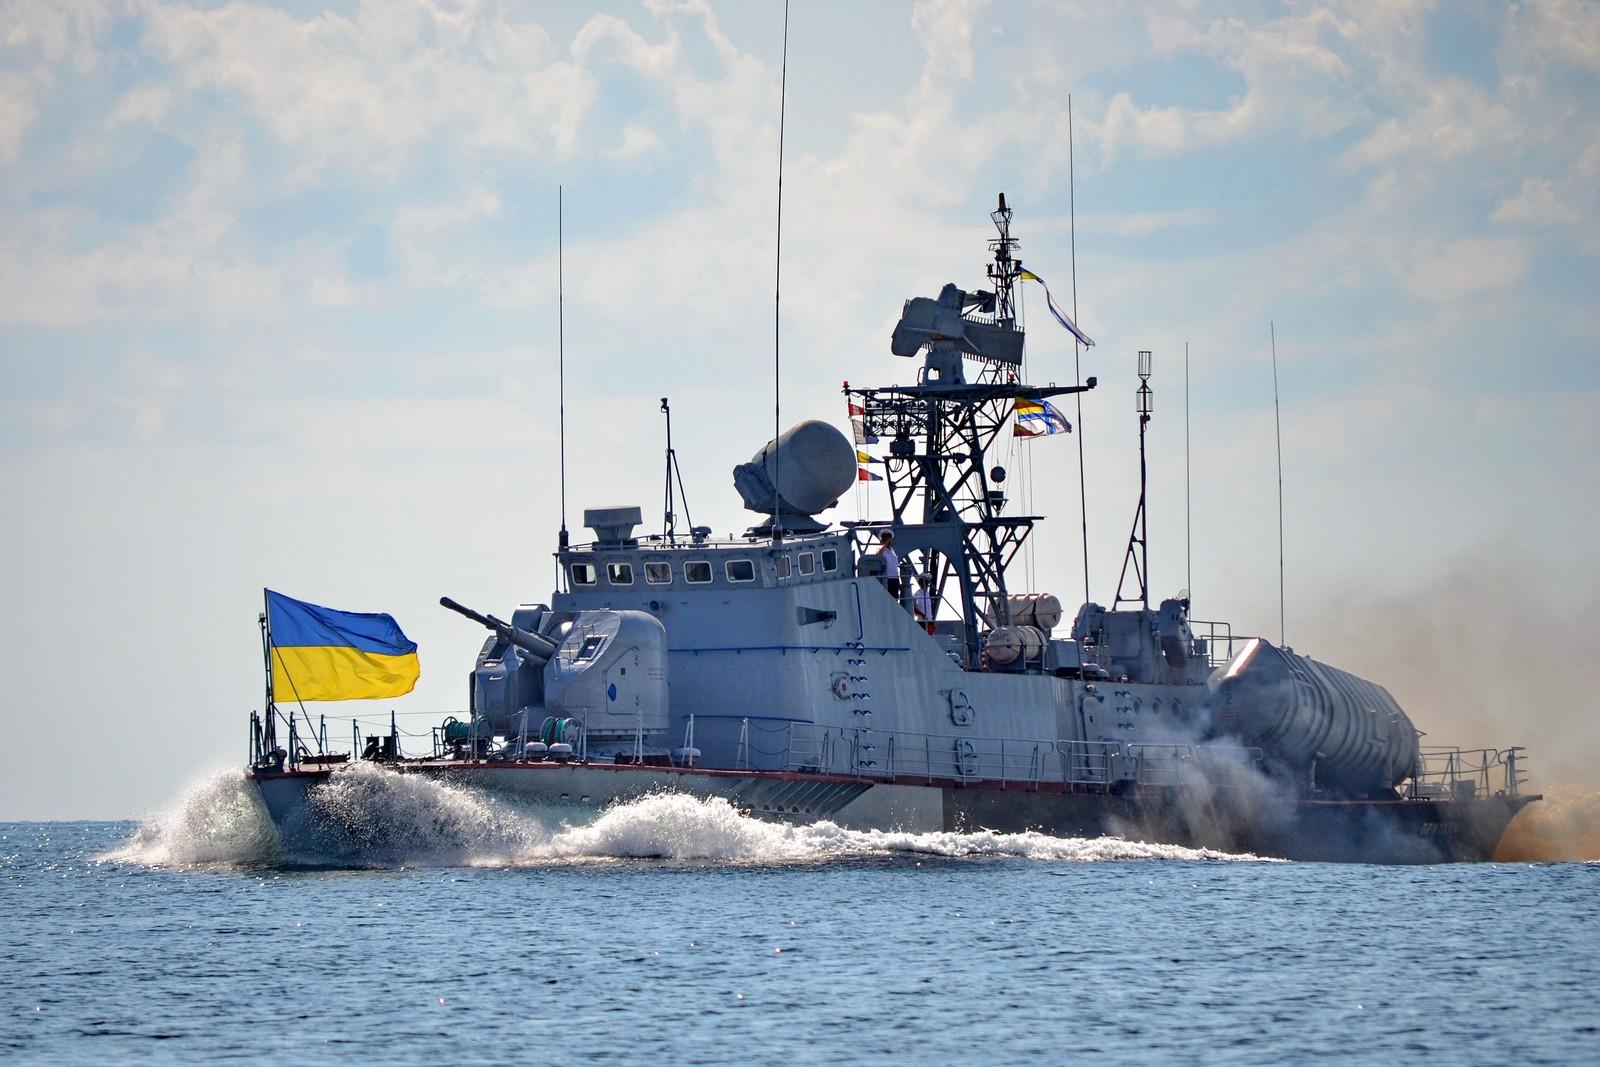 Осколками оторвало пальцы: в России сообщили новые данные о тяжелых ранениях украинских моряков на Азове